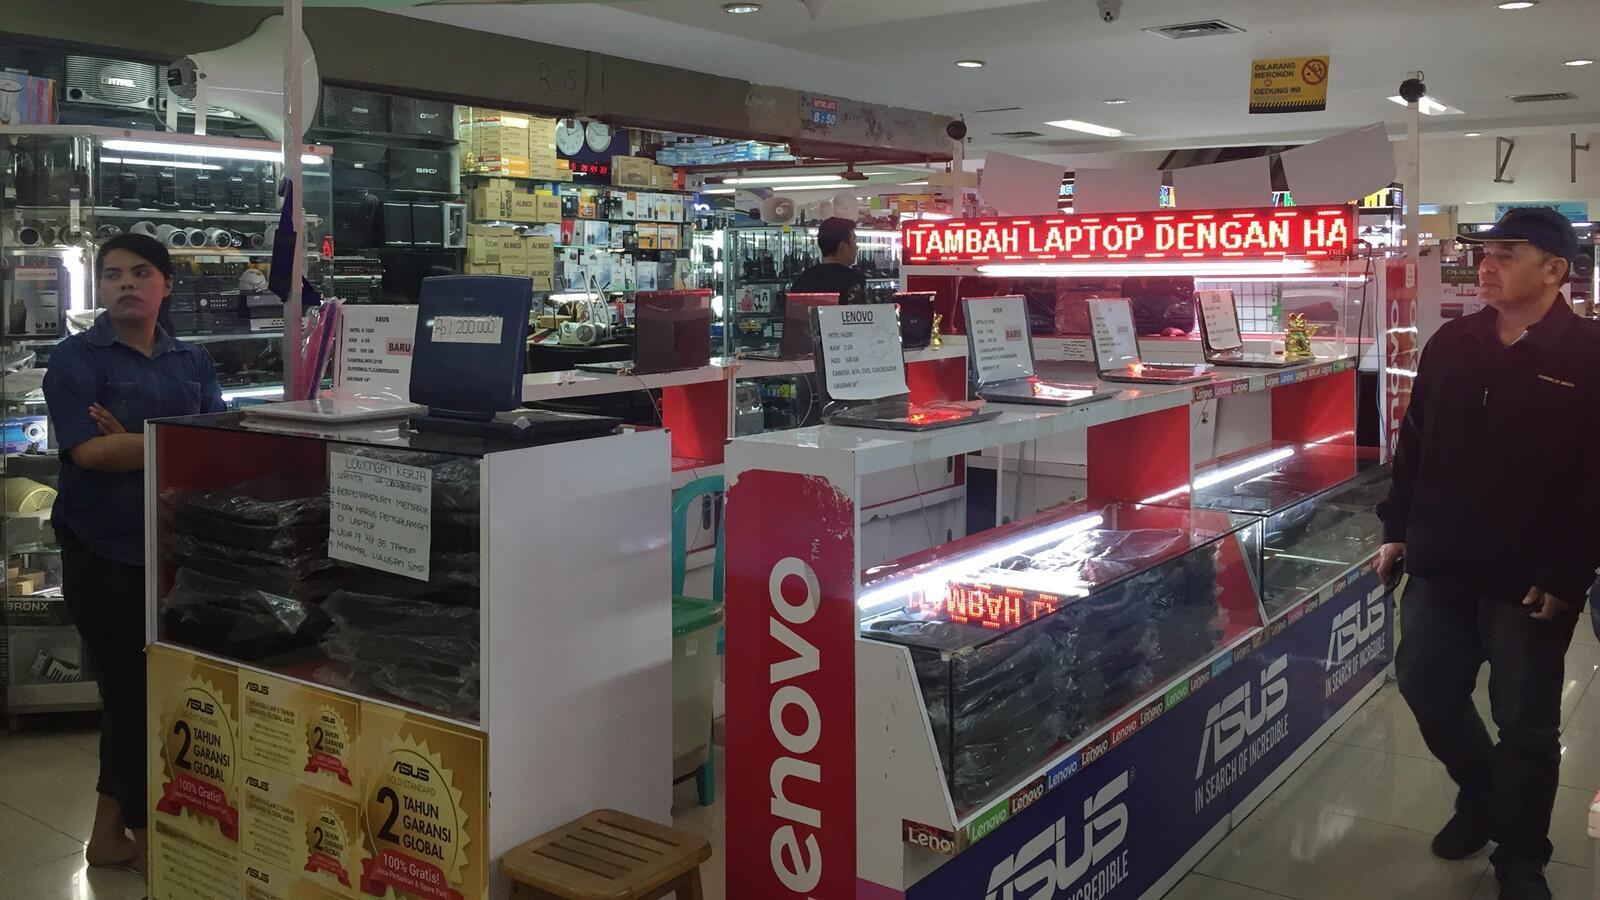 Cerita Pedagang Laptop Menghadapi Gempuran Toko Online